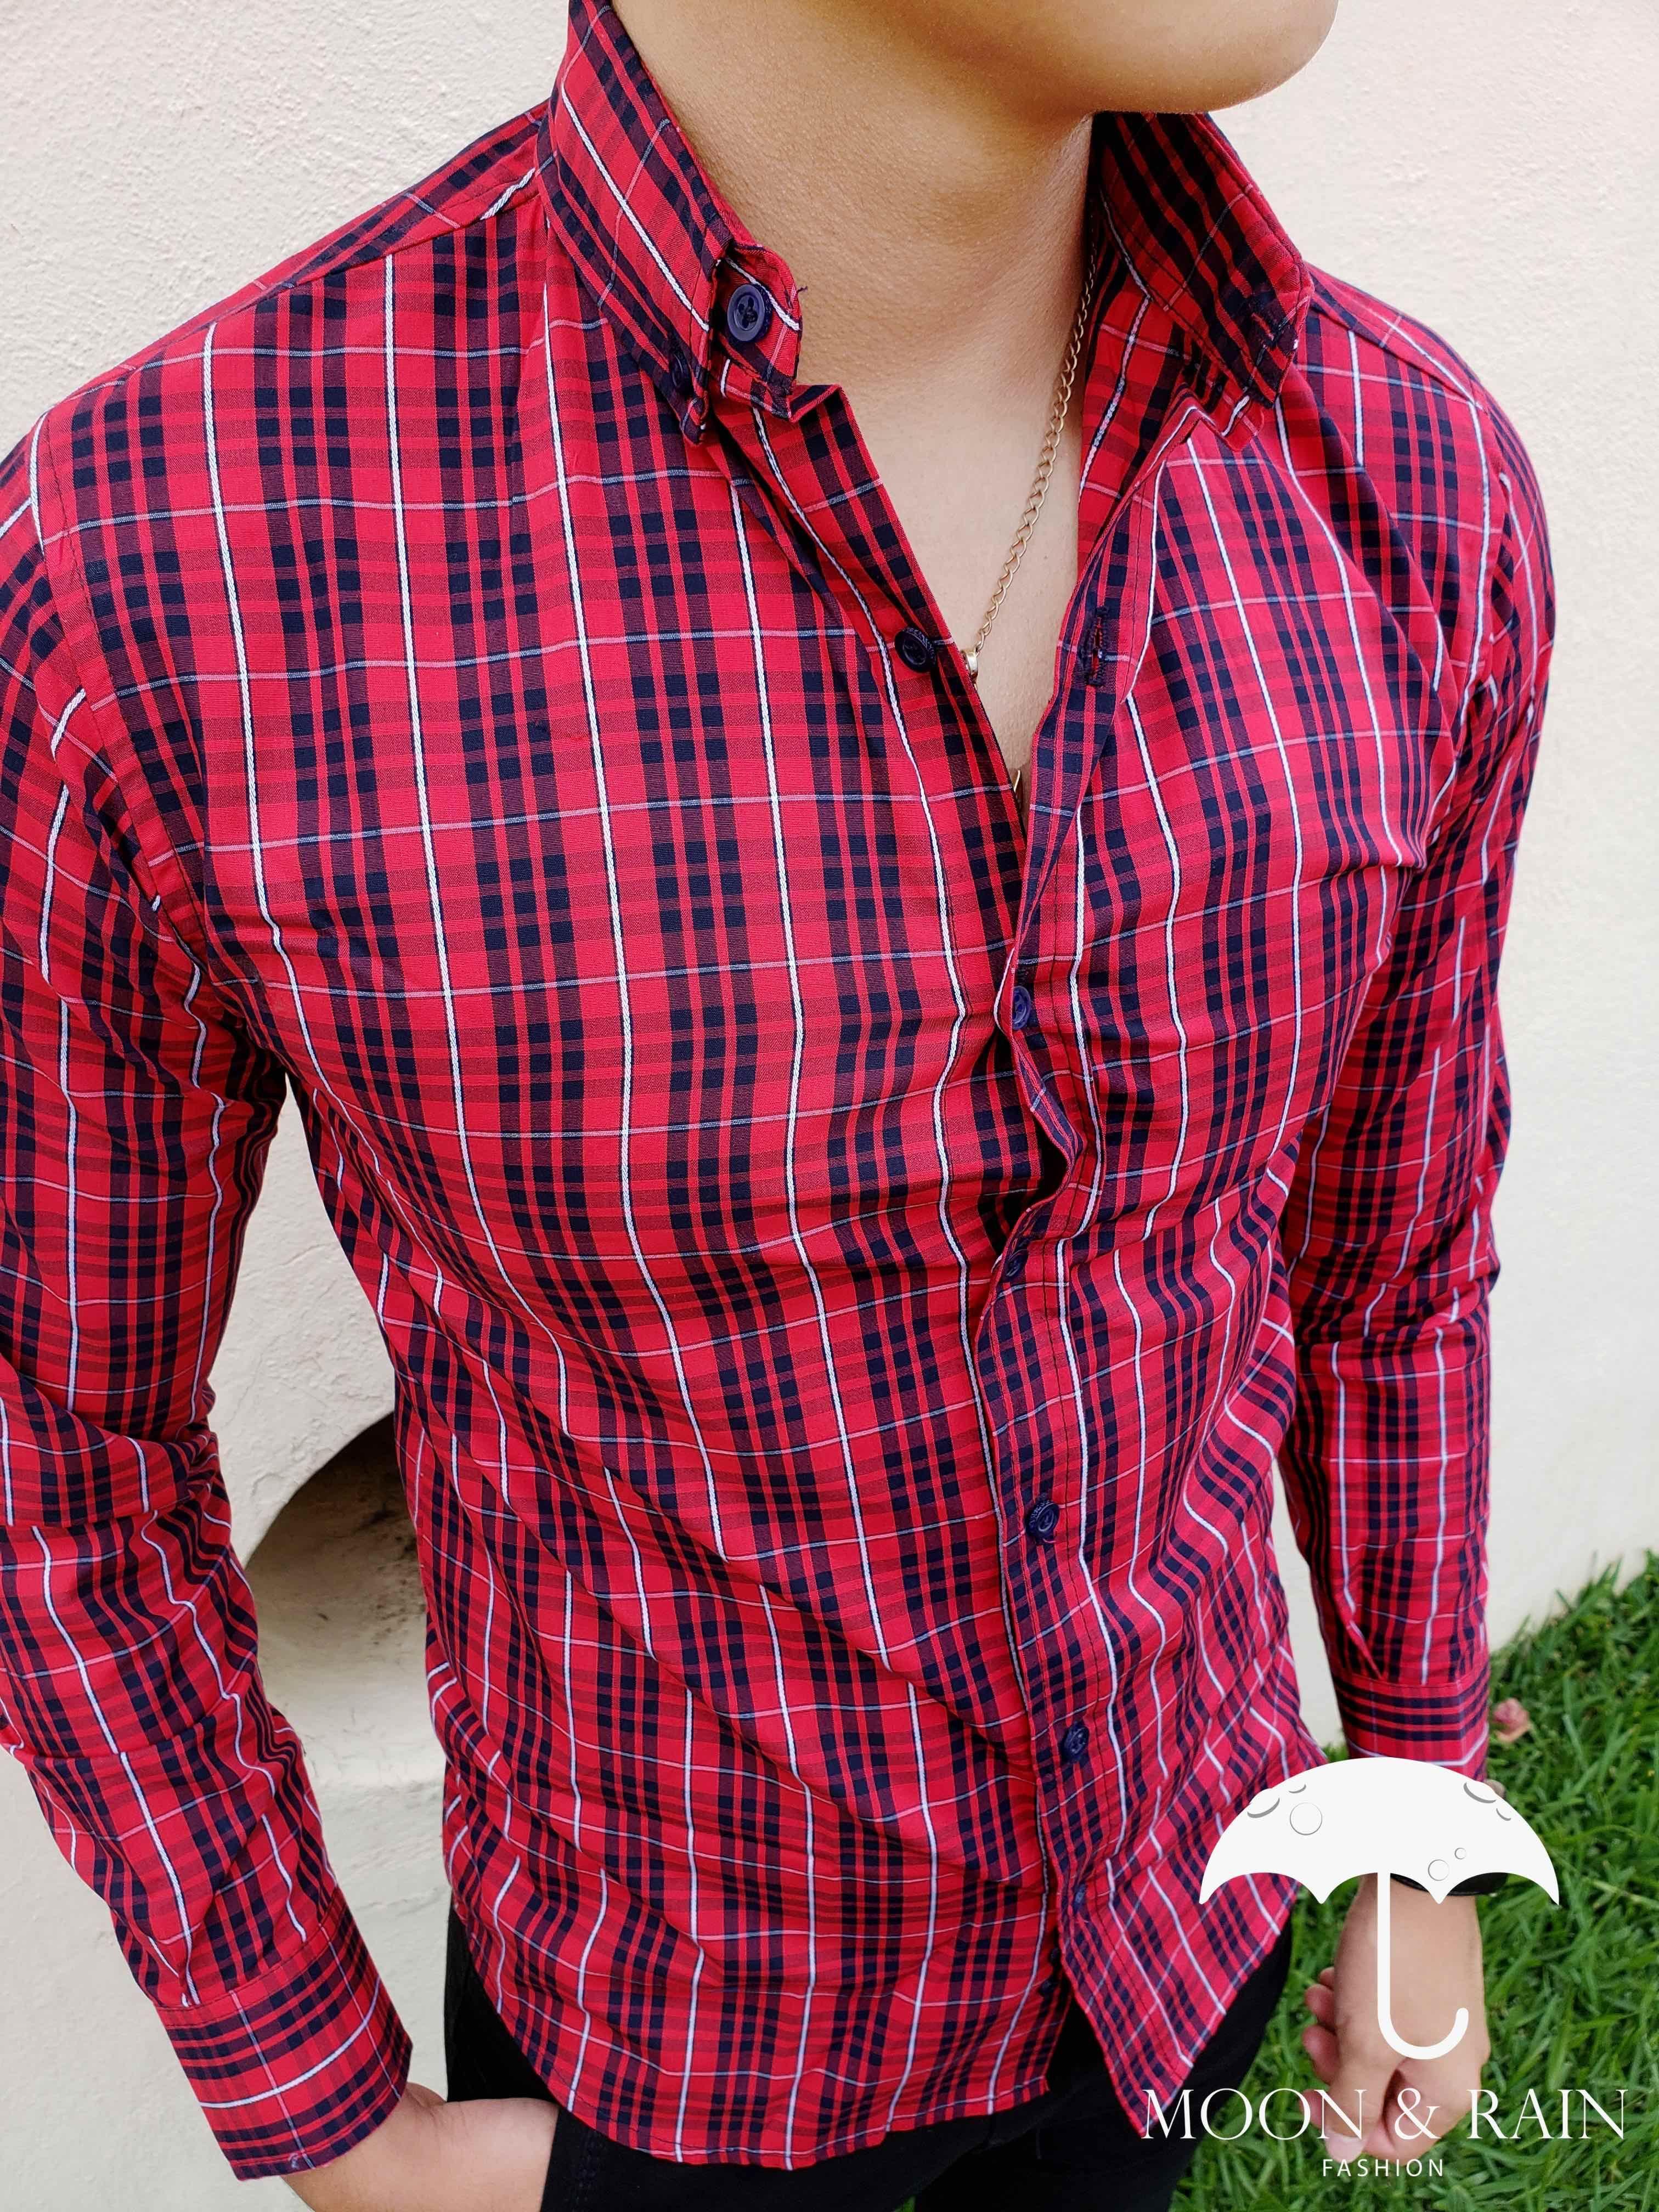 design di Platinum biancheEsclusivo Stores con Fit per rosso nere MoonRain Camicia uomo e Slim strisce cornici rBoWedxC